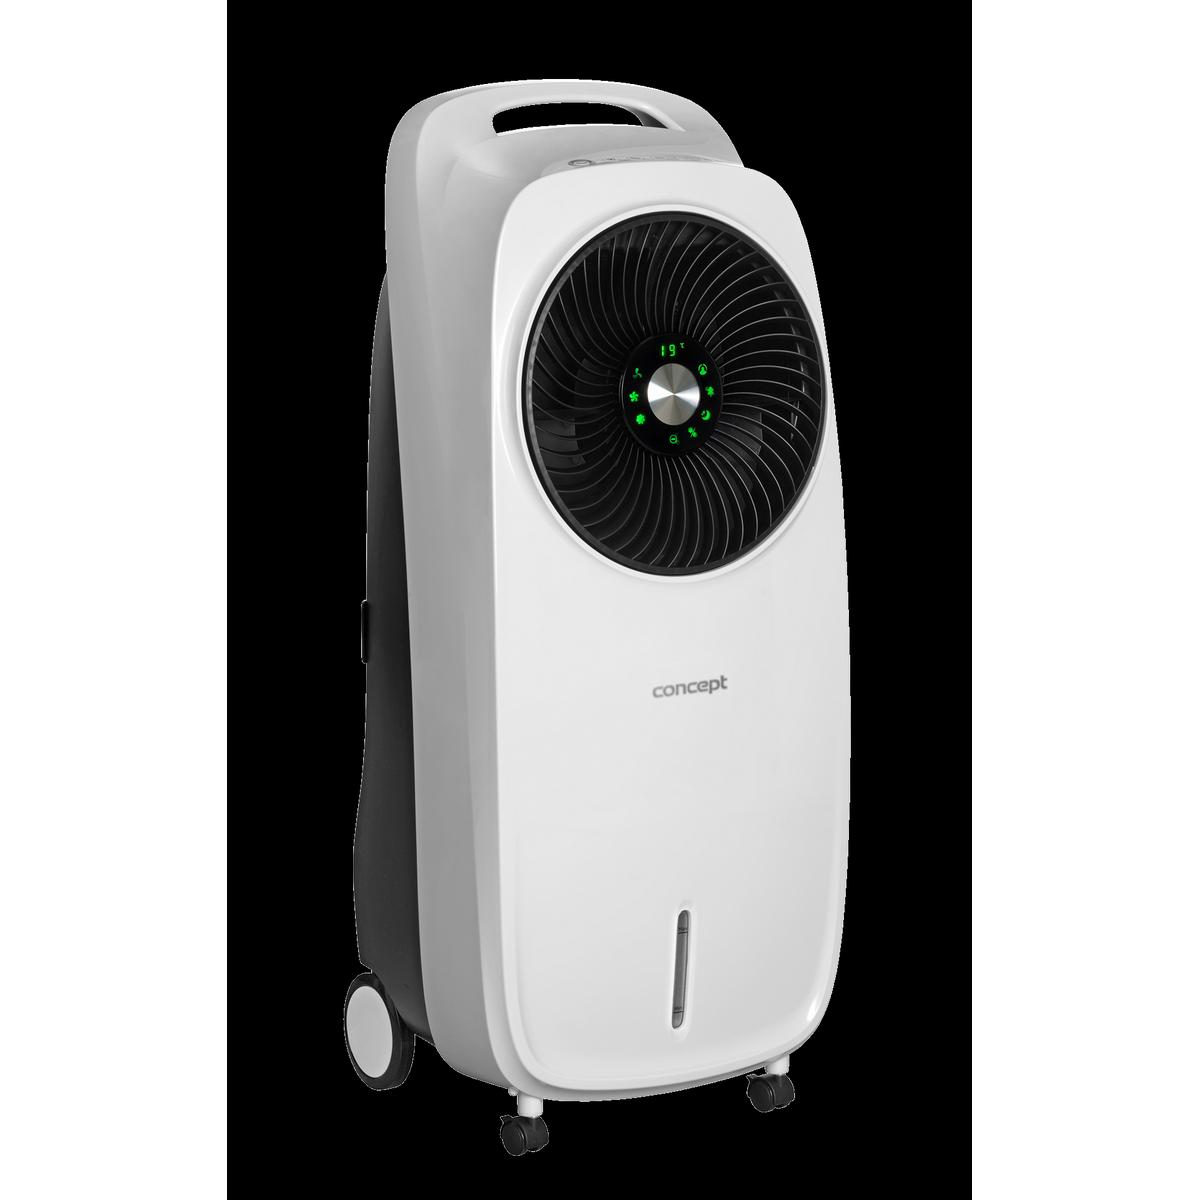 Concept OV5200 schładzacz powietrza 4w1